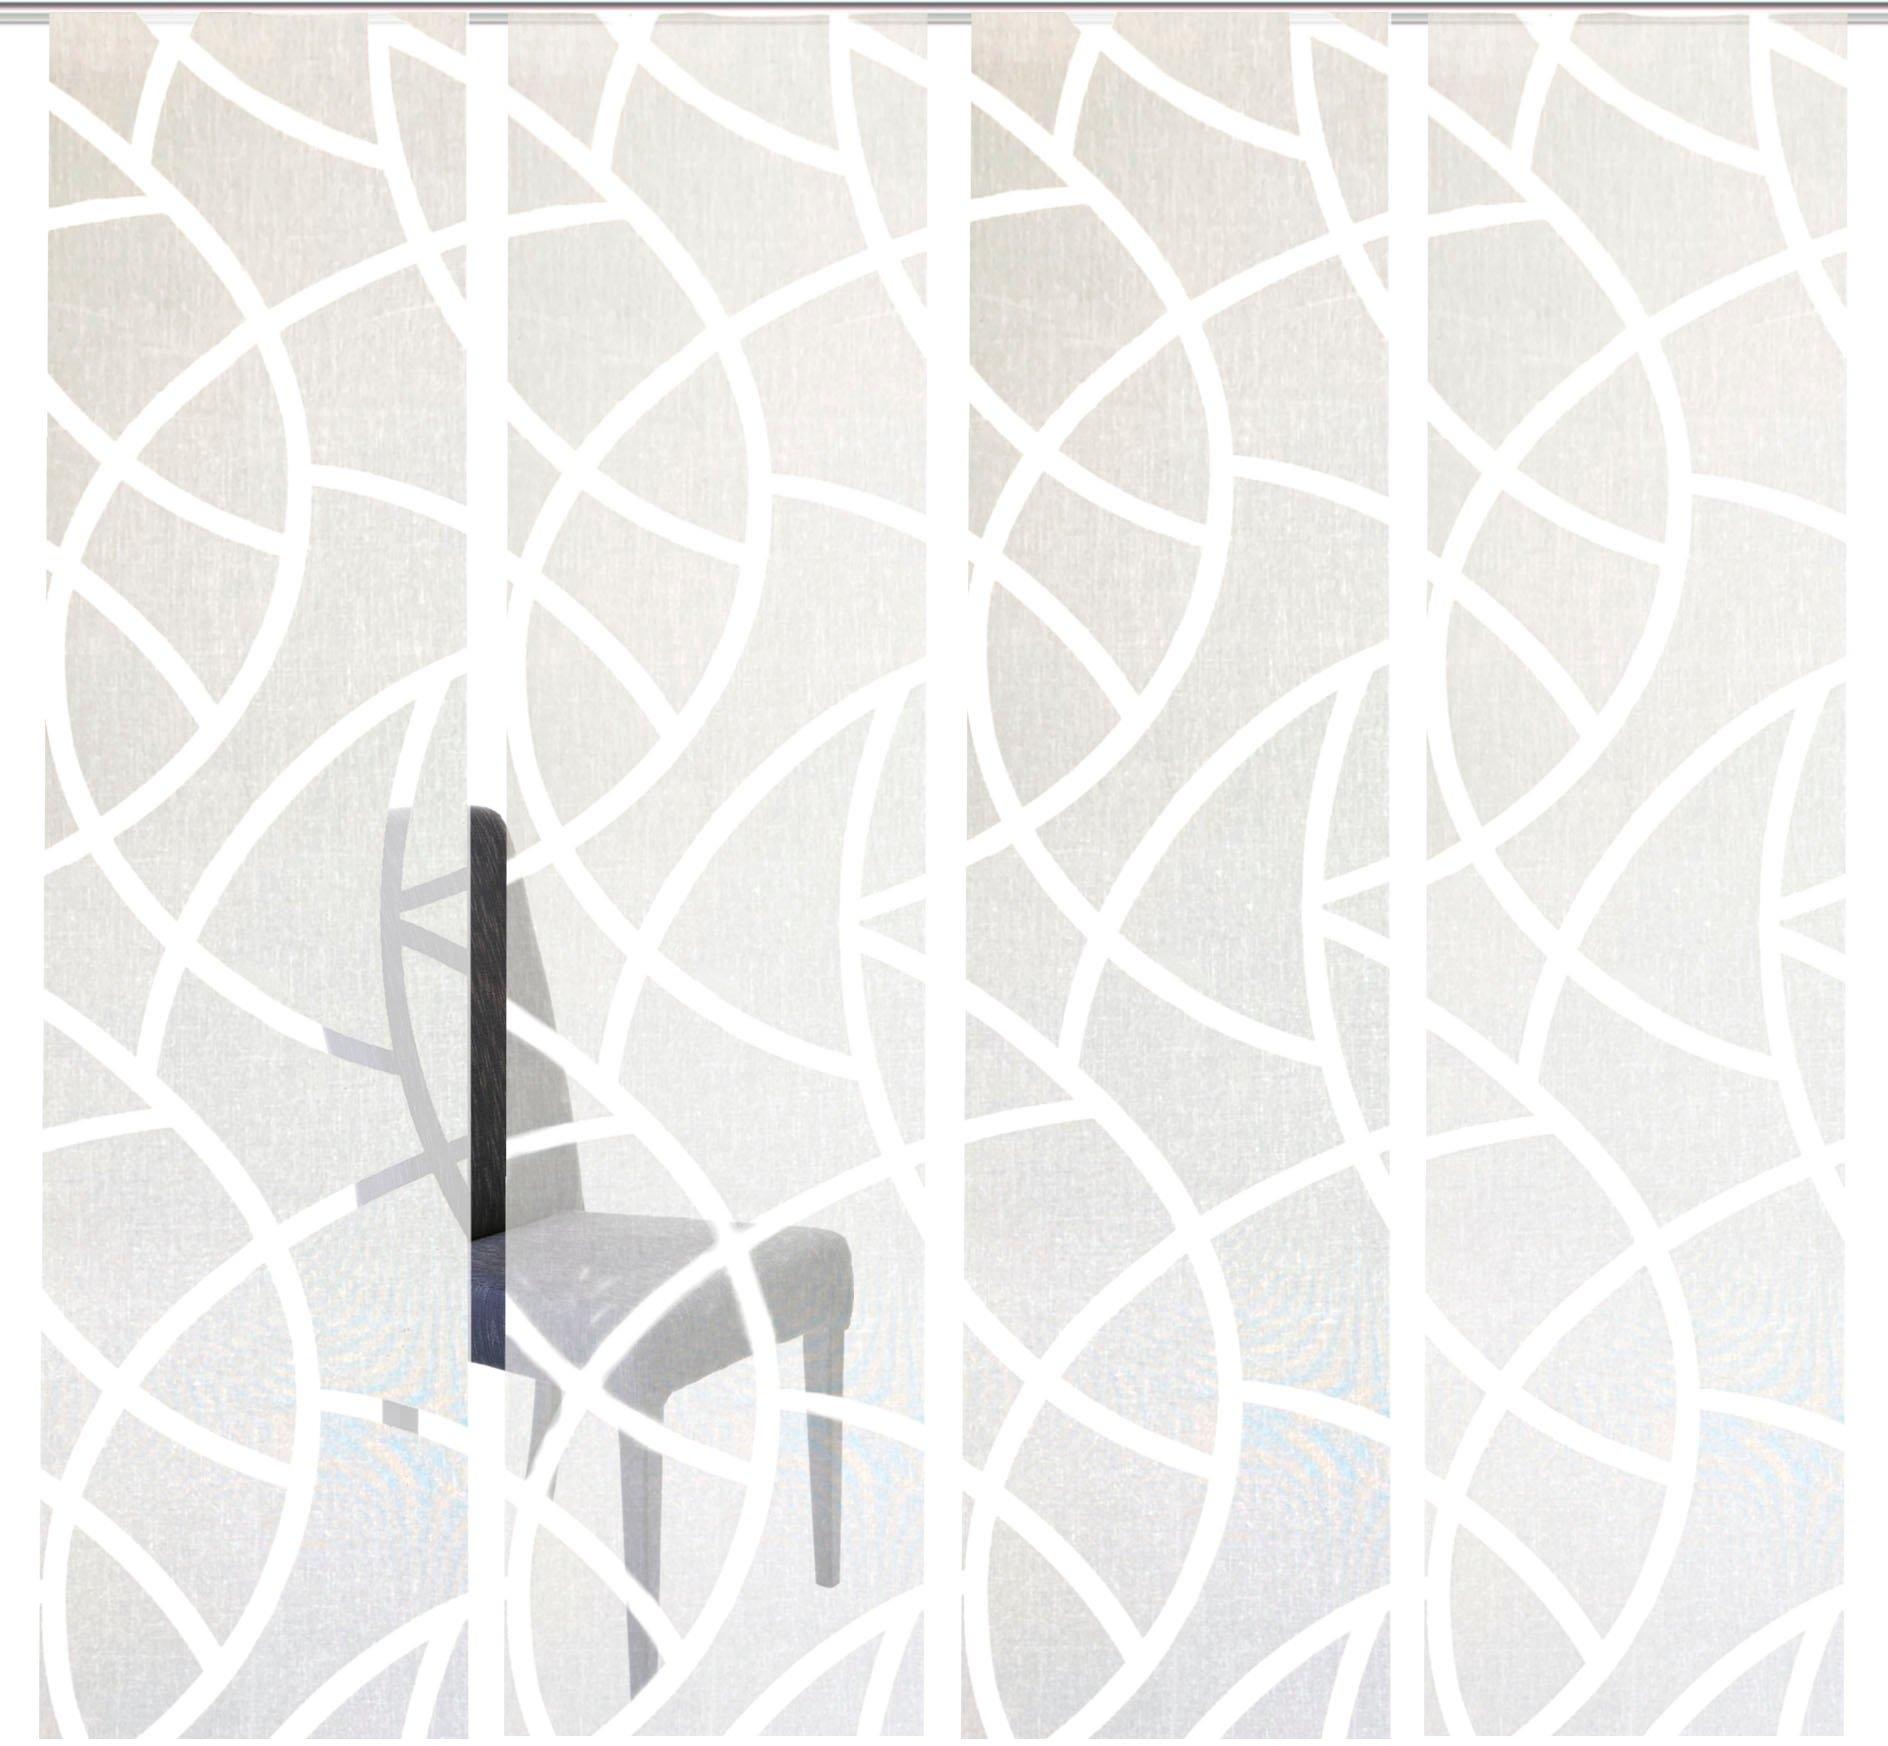 HOME WOHNIDEEN paneelgordijn CASSÉ Gordijnstof, met transparante scherli (4 stuks) in de webshop van OTTO kopen